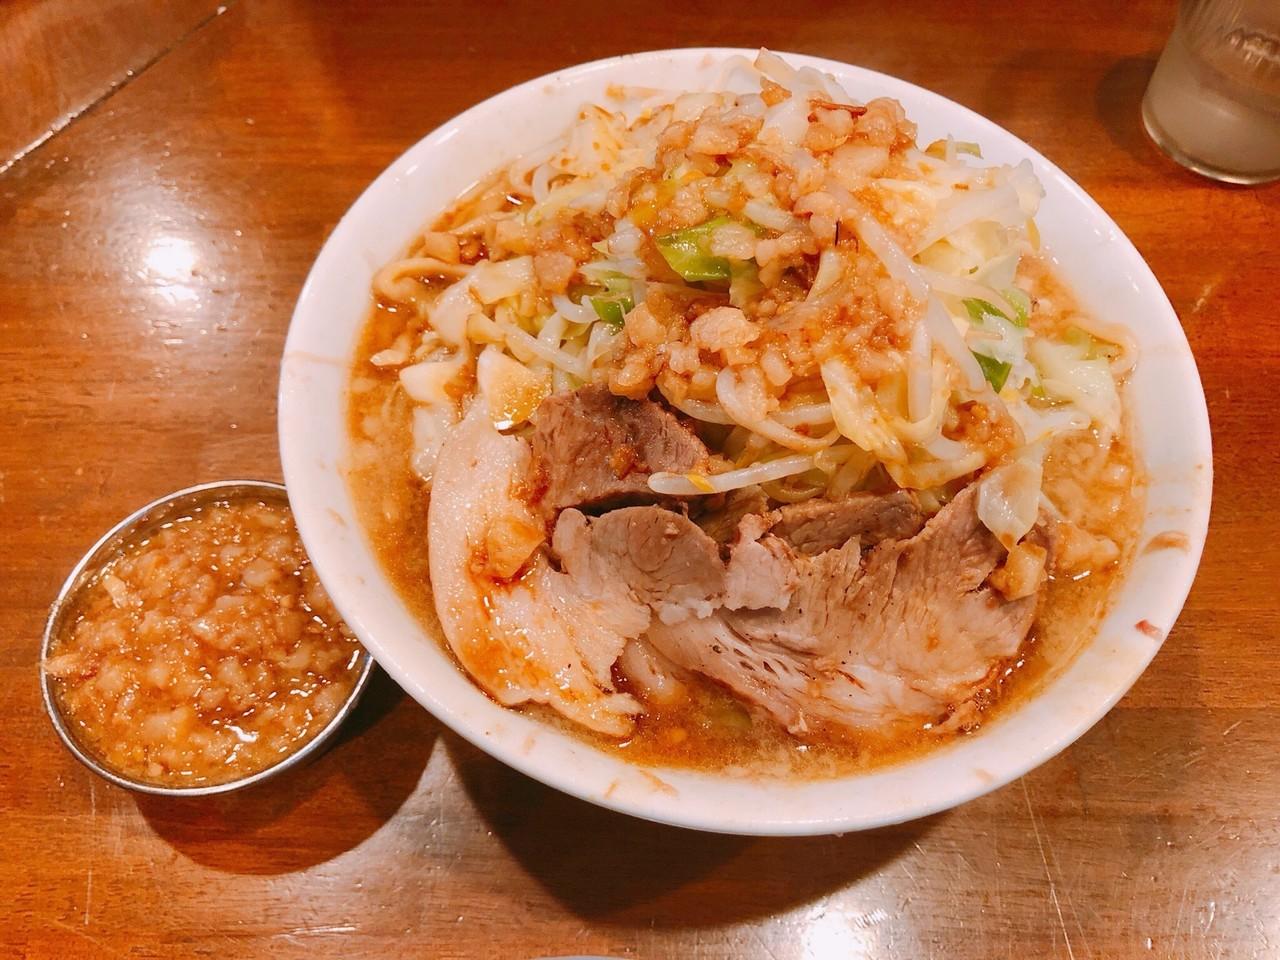 ここだけは絶対に訪問しておきたい!名古屋で人気のラーメン店22選 - サムネイル